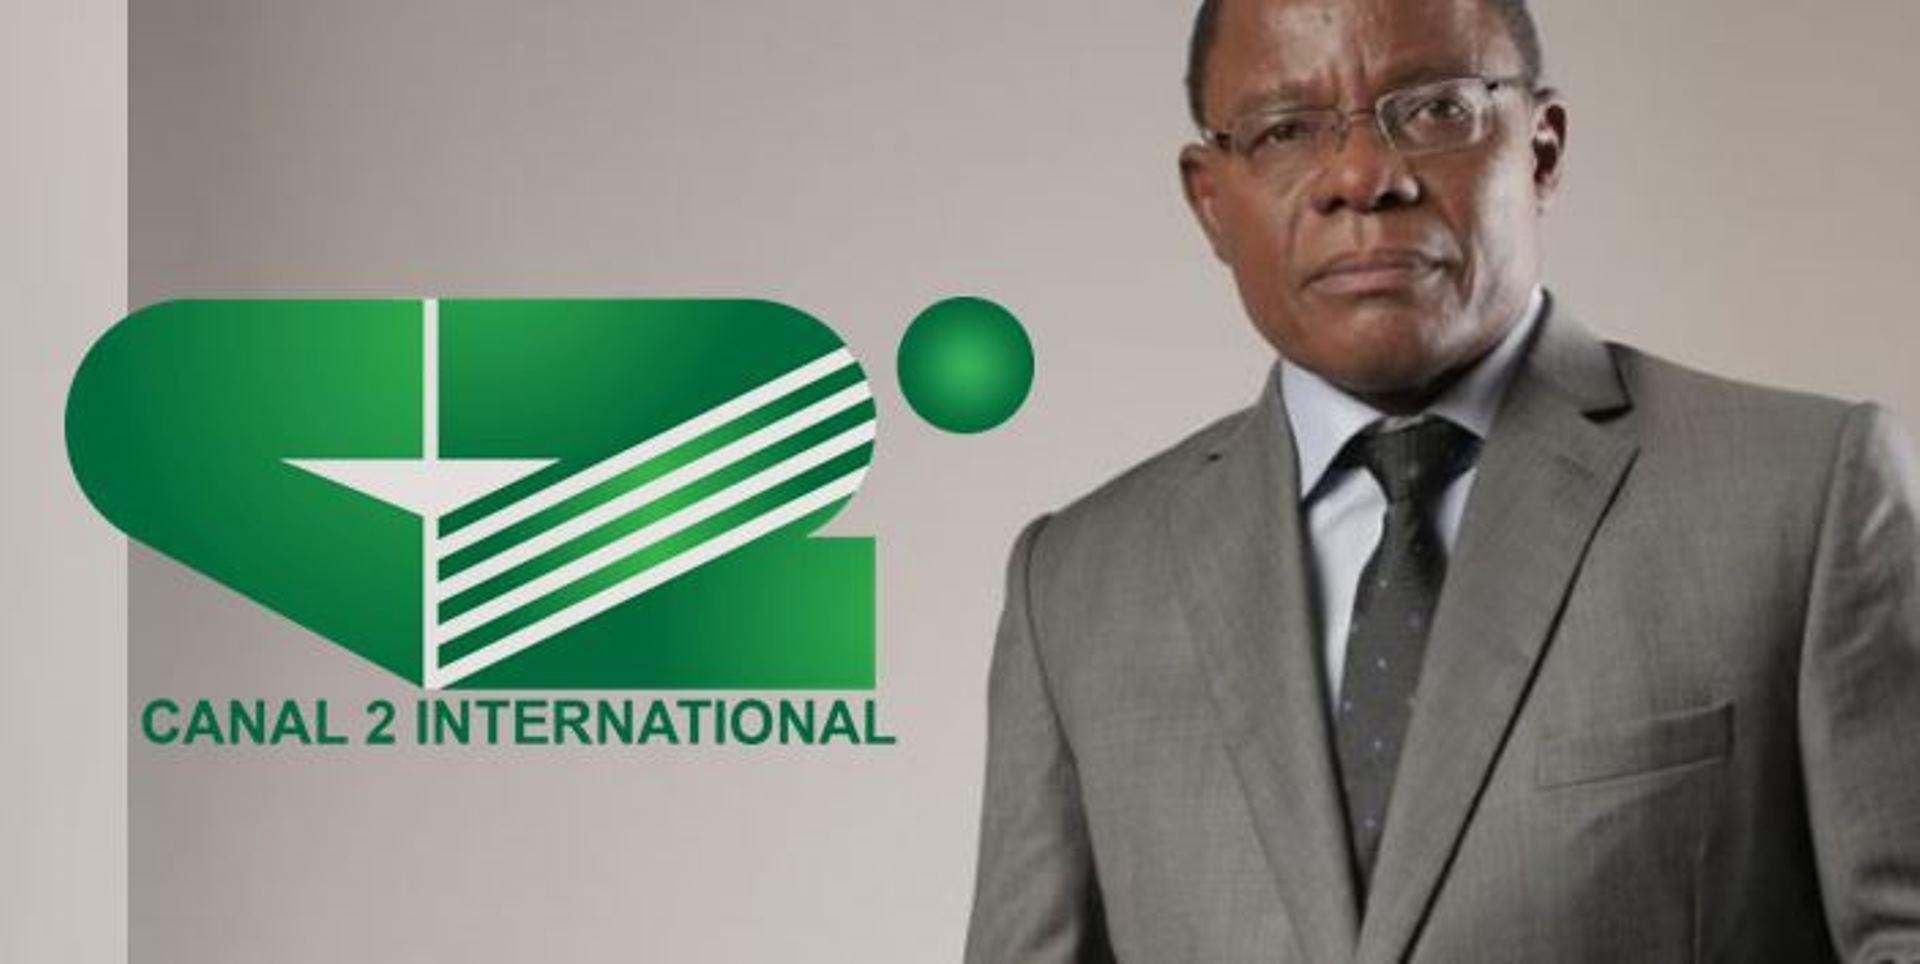 Des journalistes mécontents de la sortie de Maurice Kamto au sujet de Canal 2 International